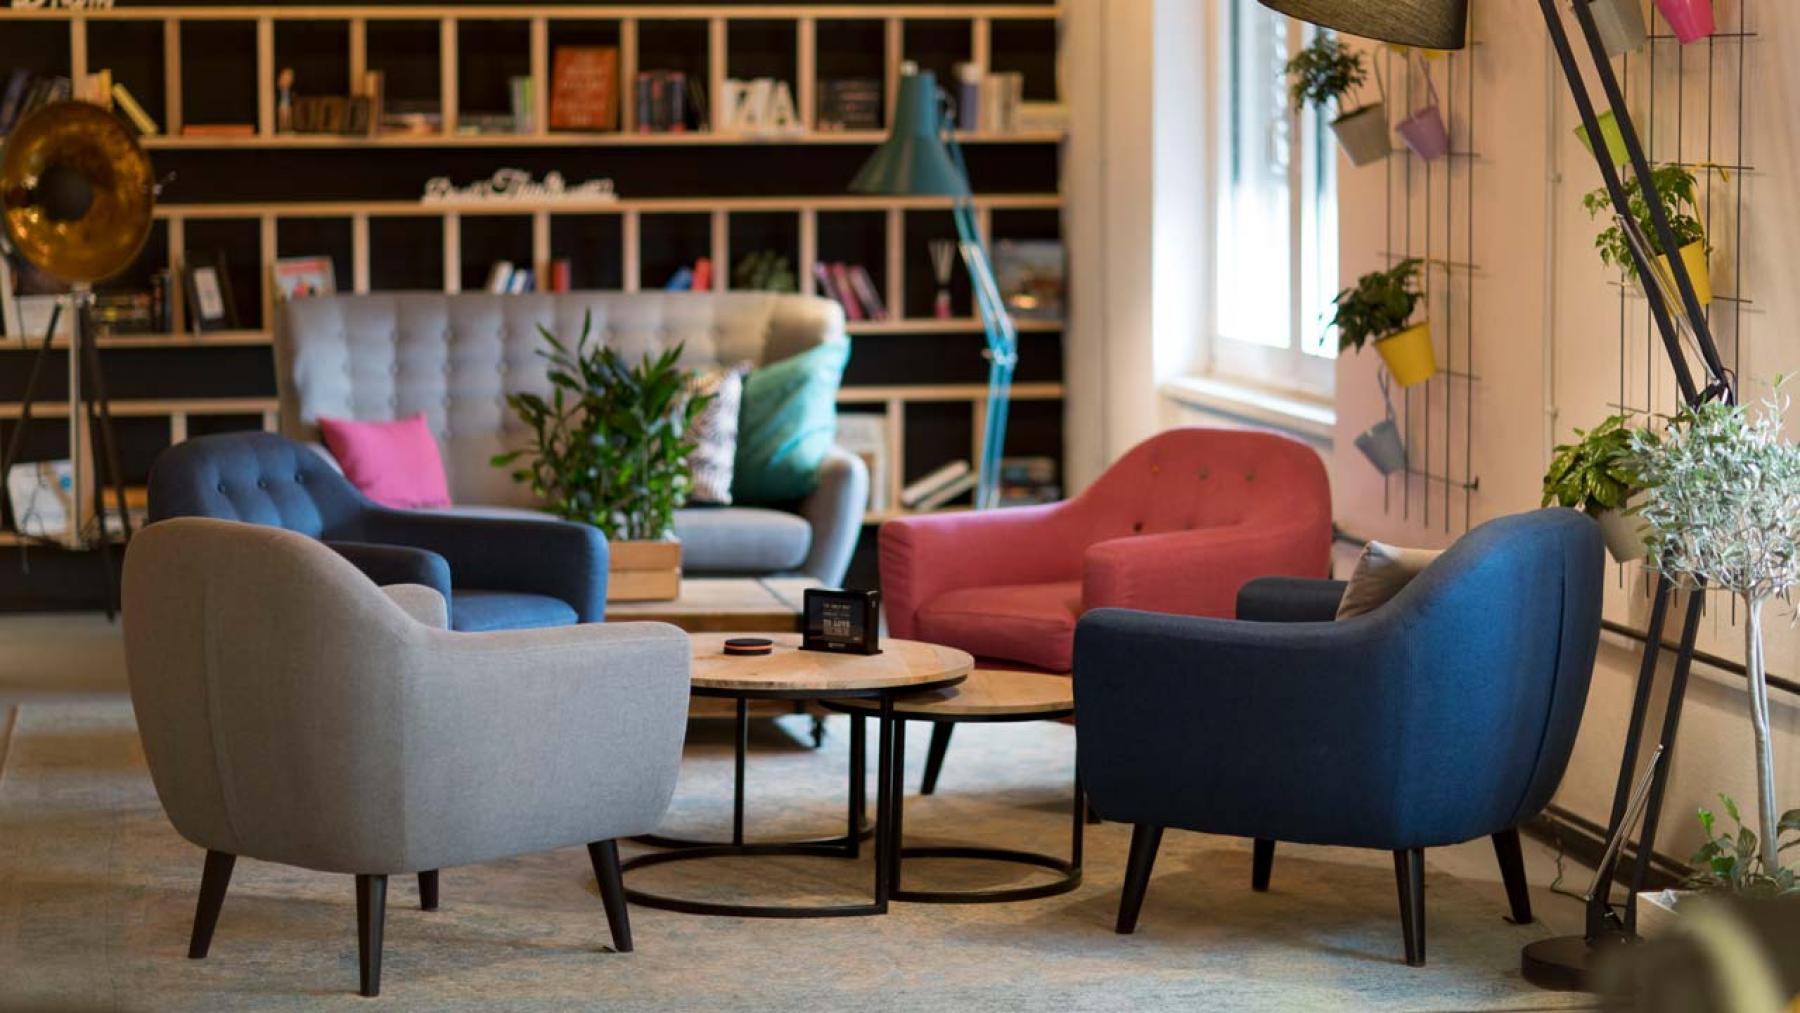 Gemütliche Sitzecke zum Arbeiten und für Besprechungen